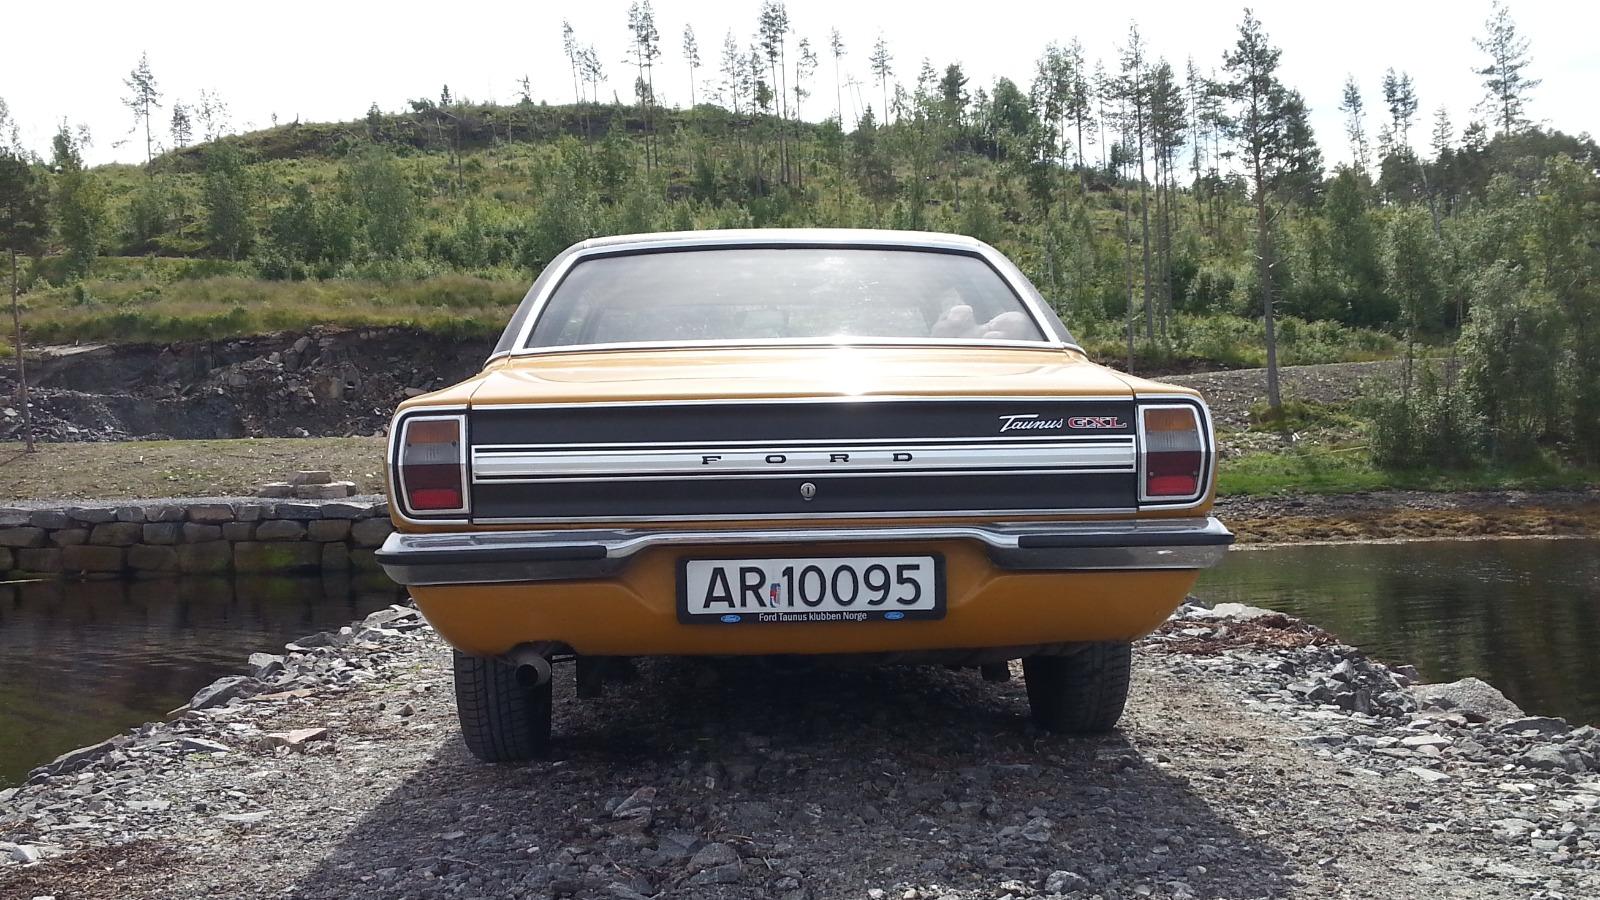 Detaljbilde 1971 Ford Taunus GXL